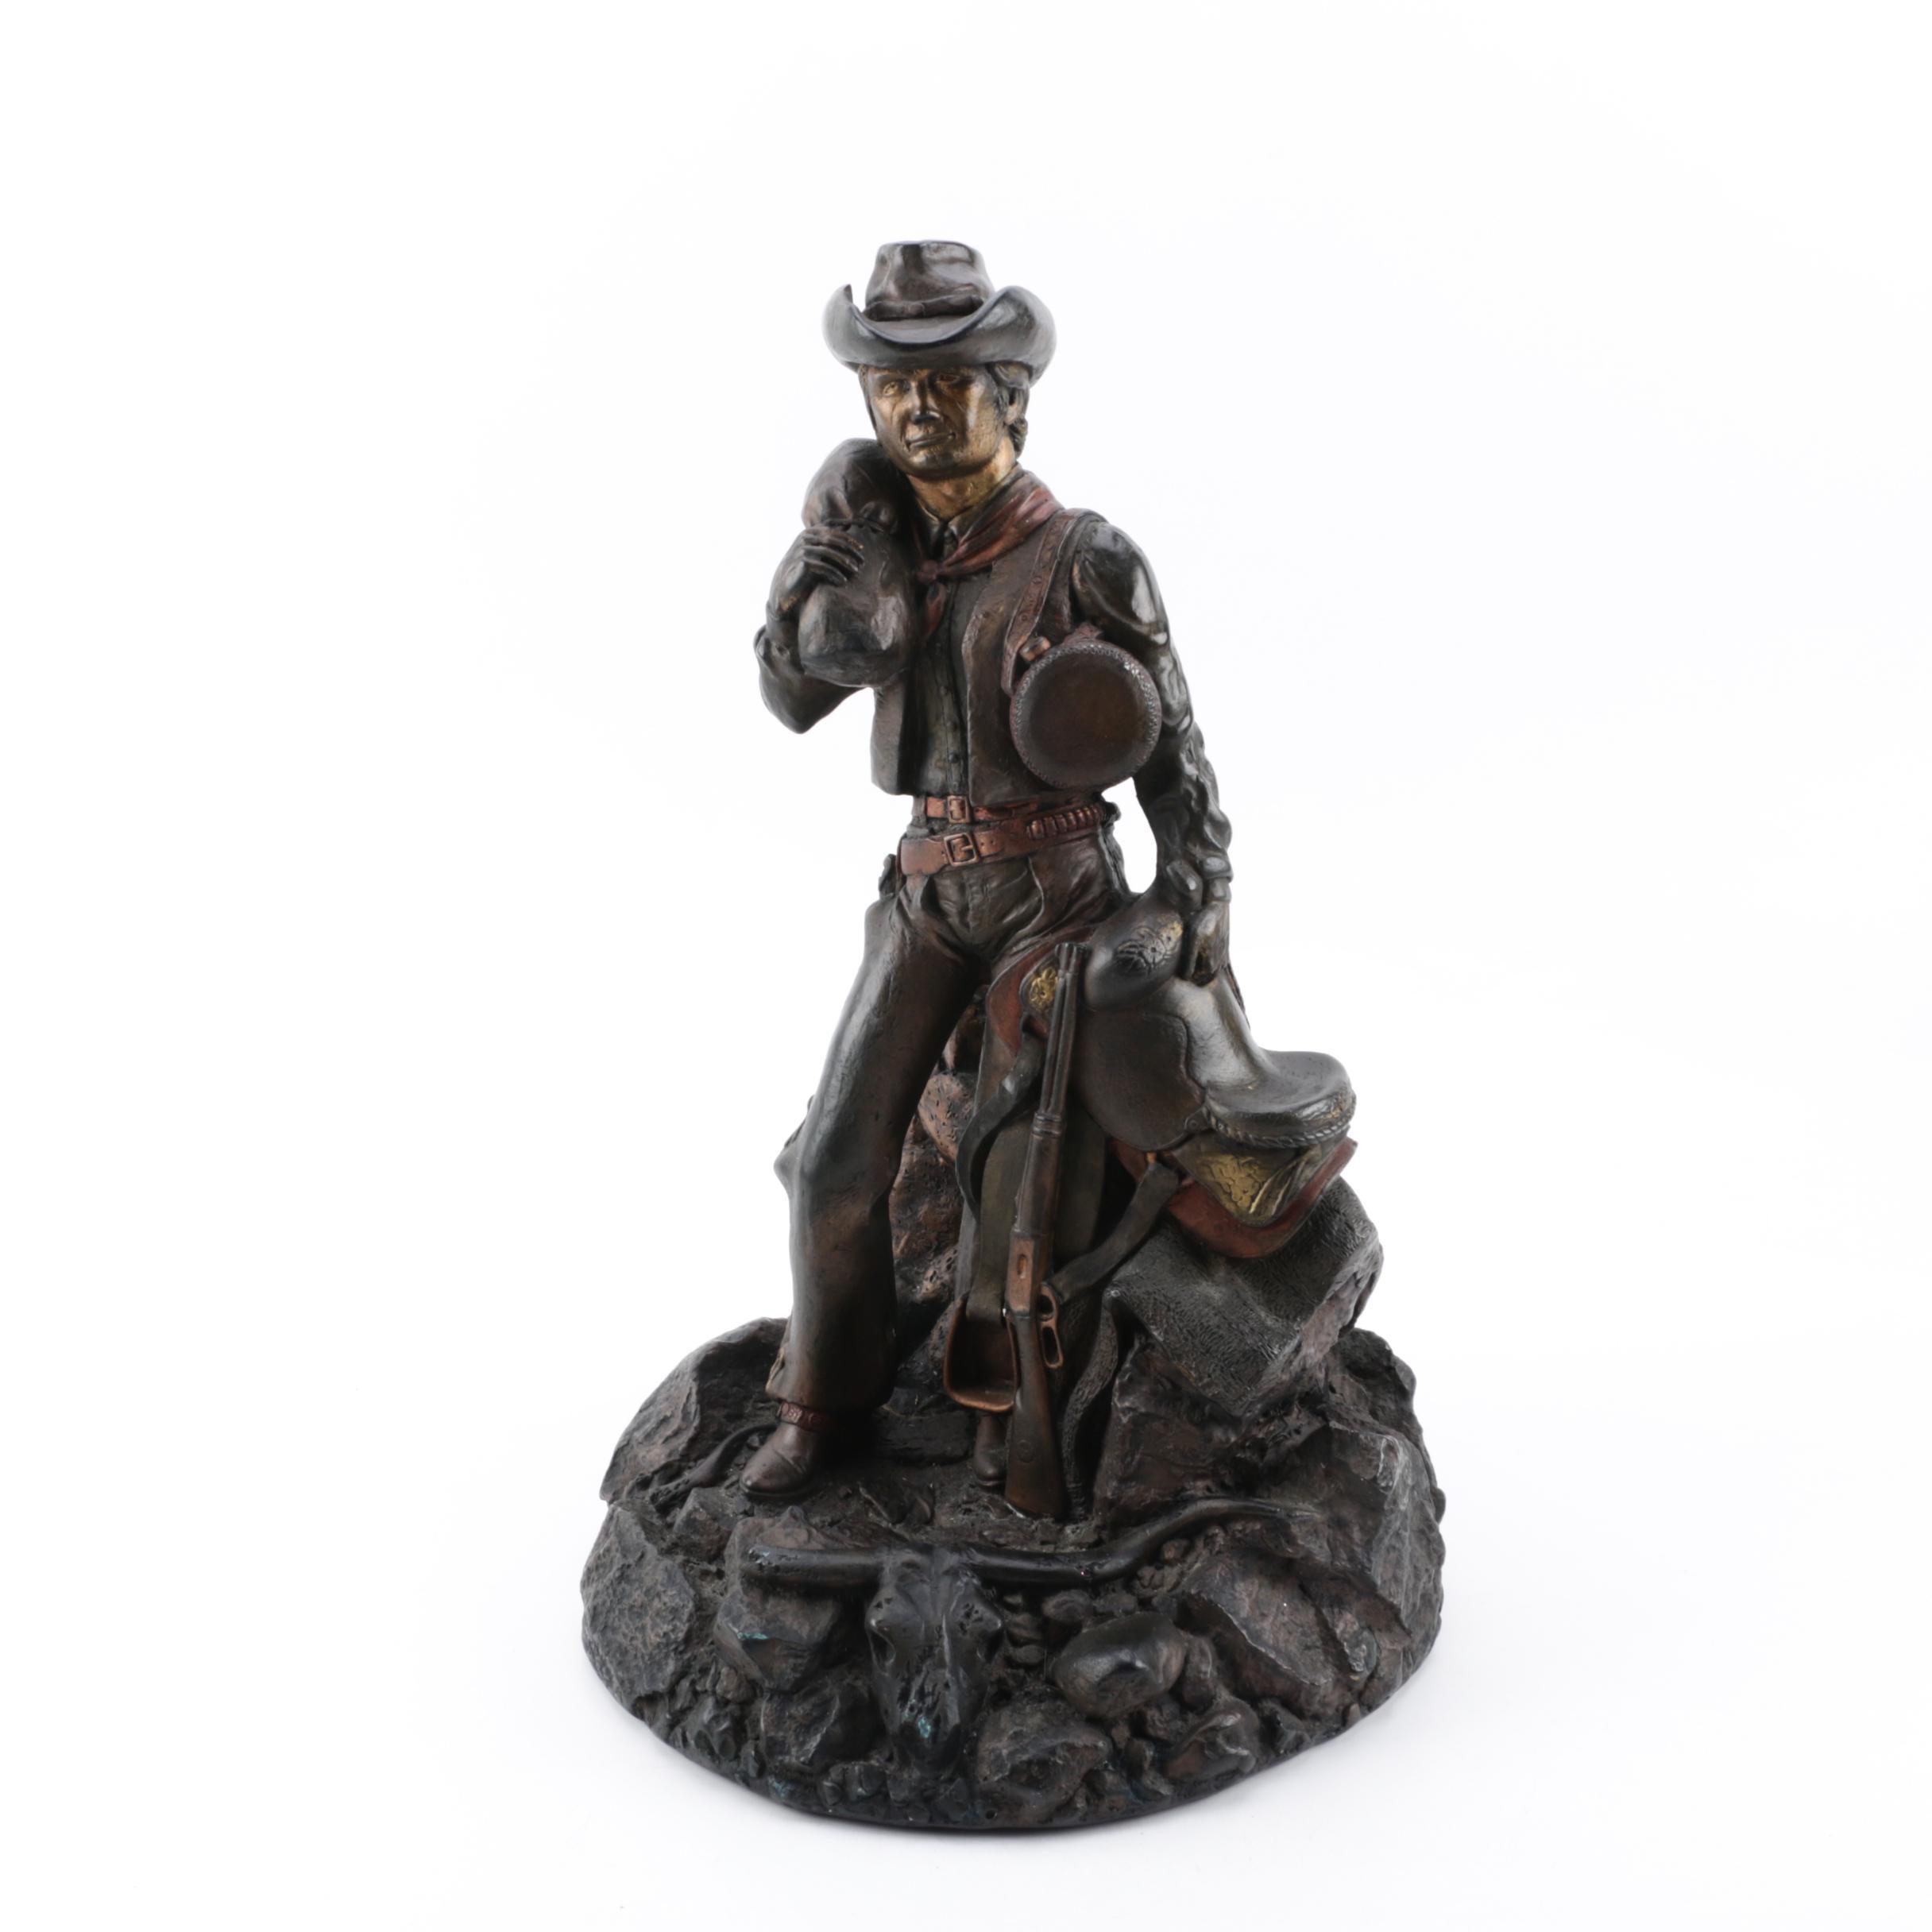 Reproduction Cowboy Sculpture After Dan Hughes